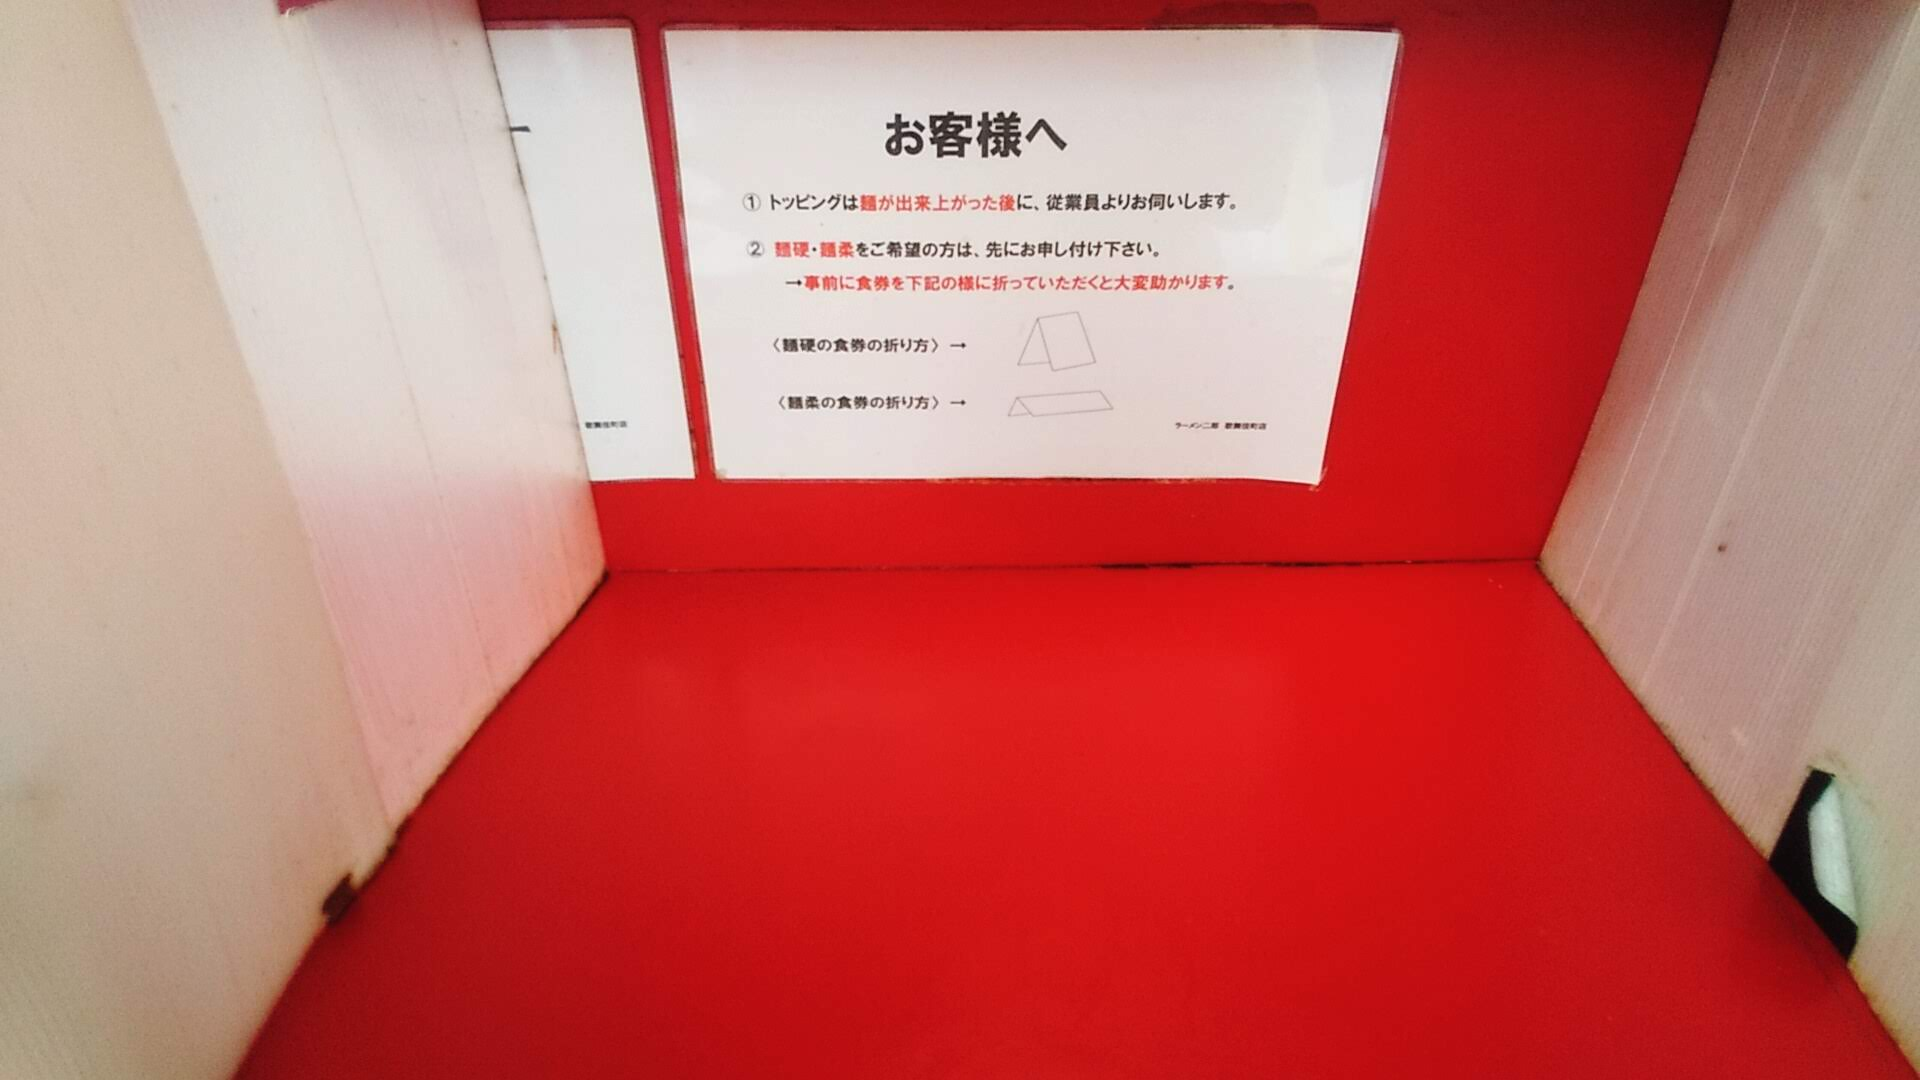 ラーメン二郎新宿歌舞伎町店の卓上